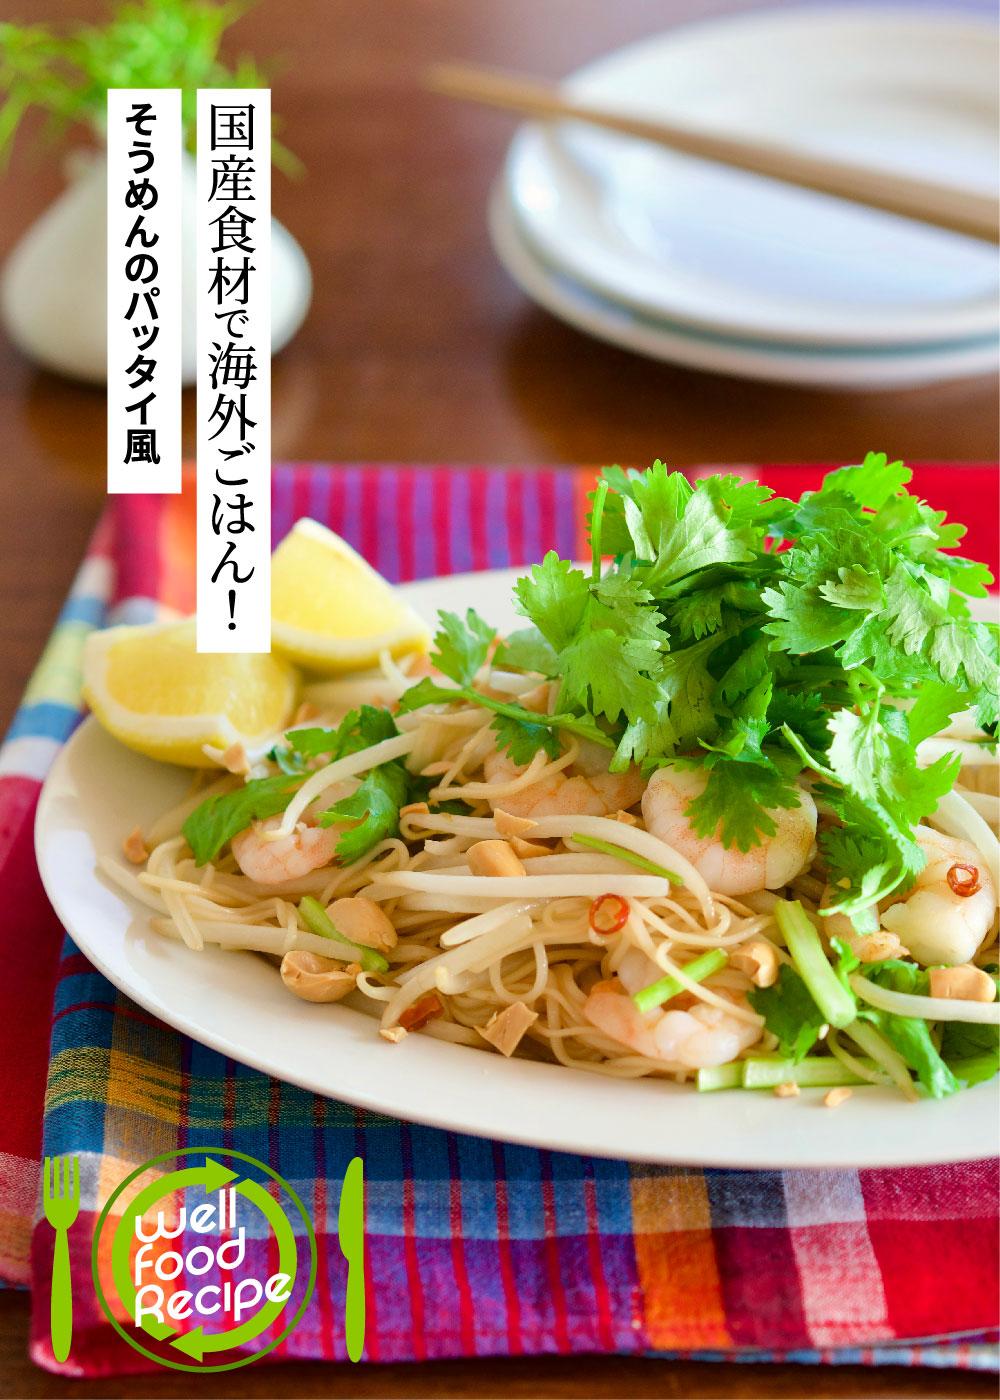 国産食材で海外ごはん!そうめんのパッタイ風 by渡部和泉